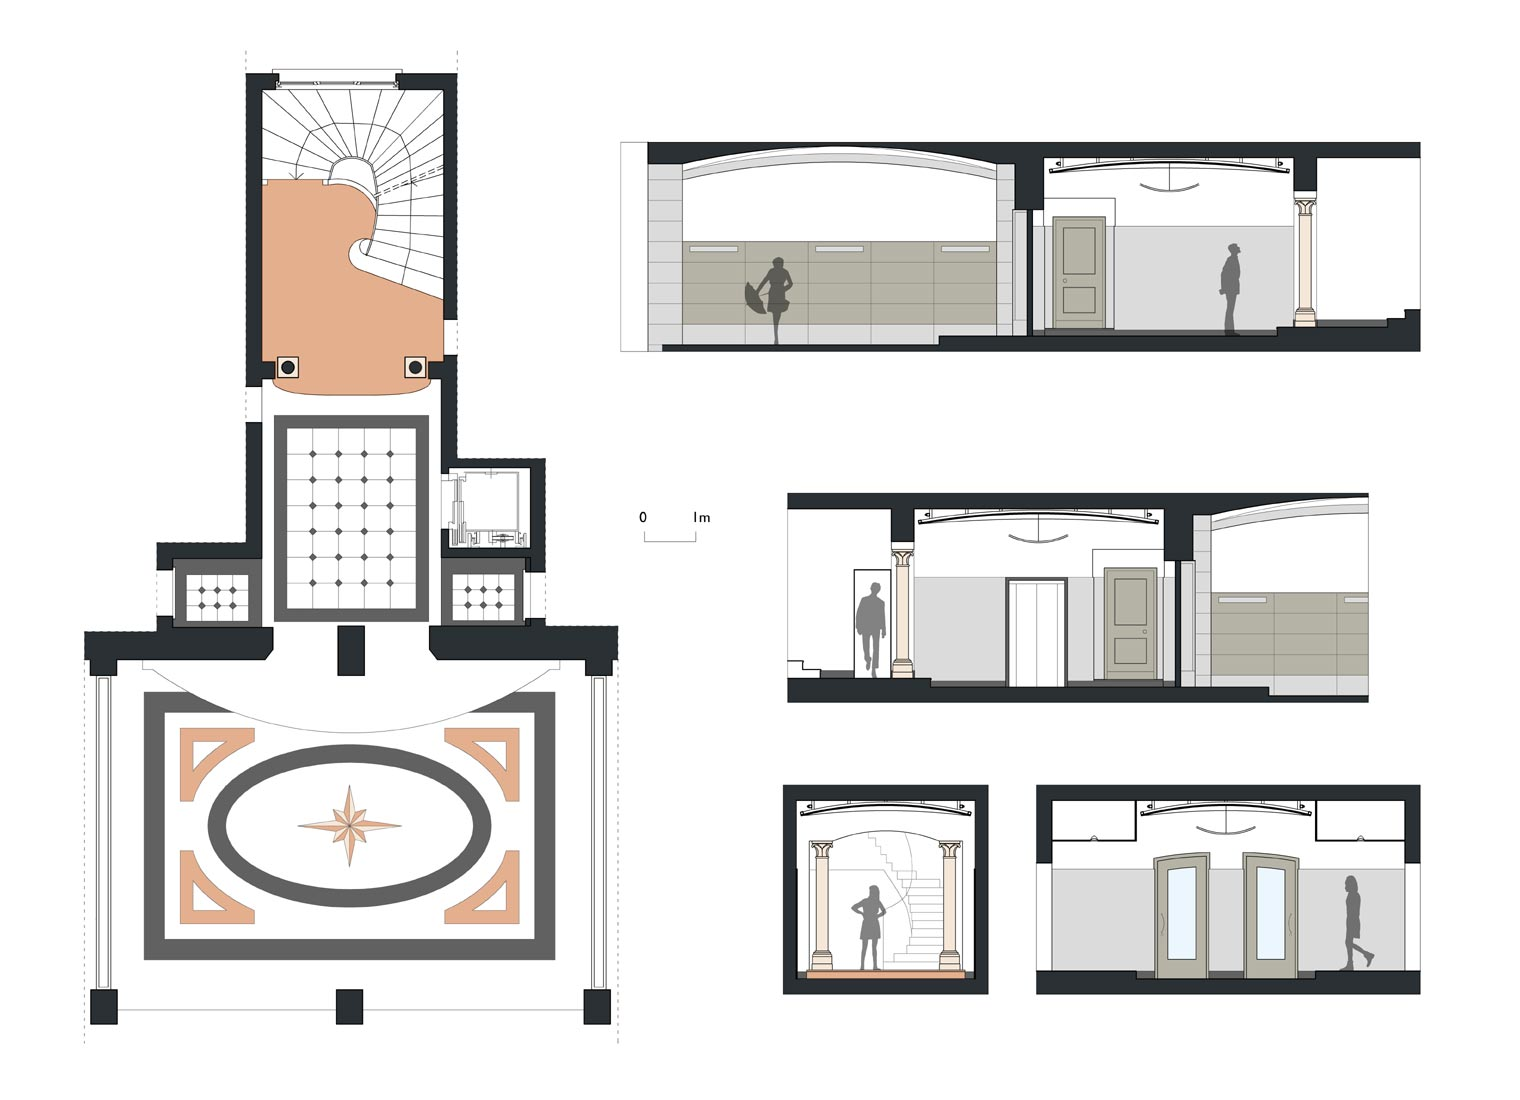 vk-architetti_casali_atrio